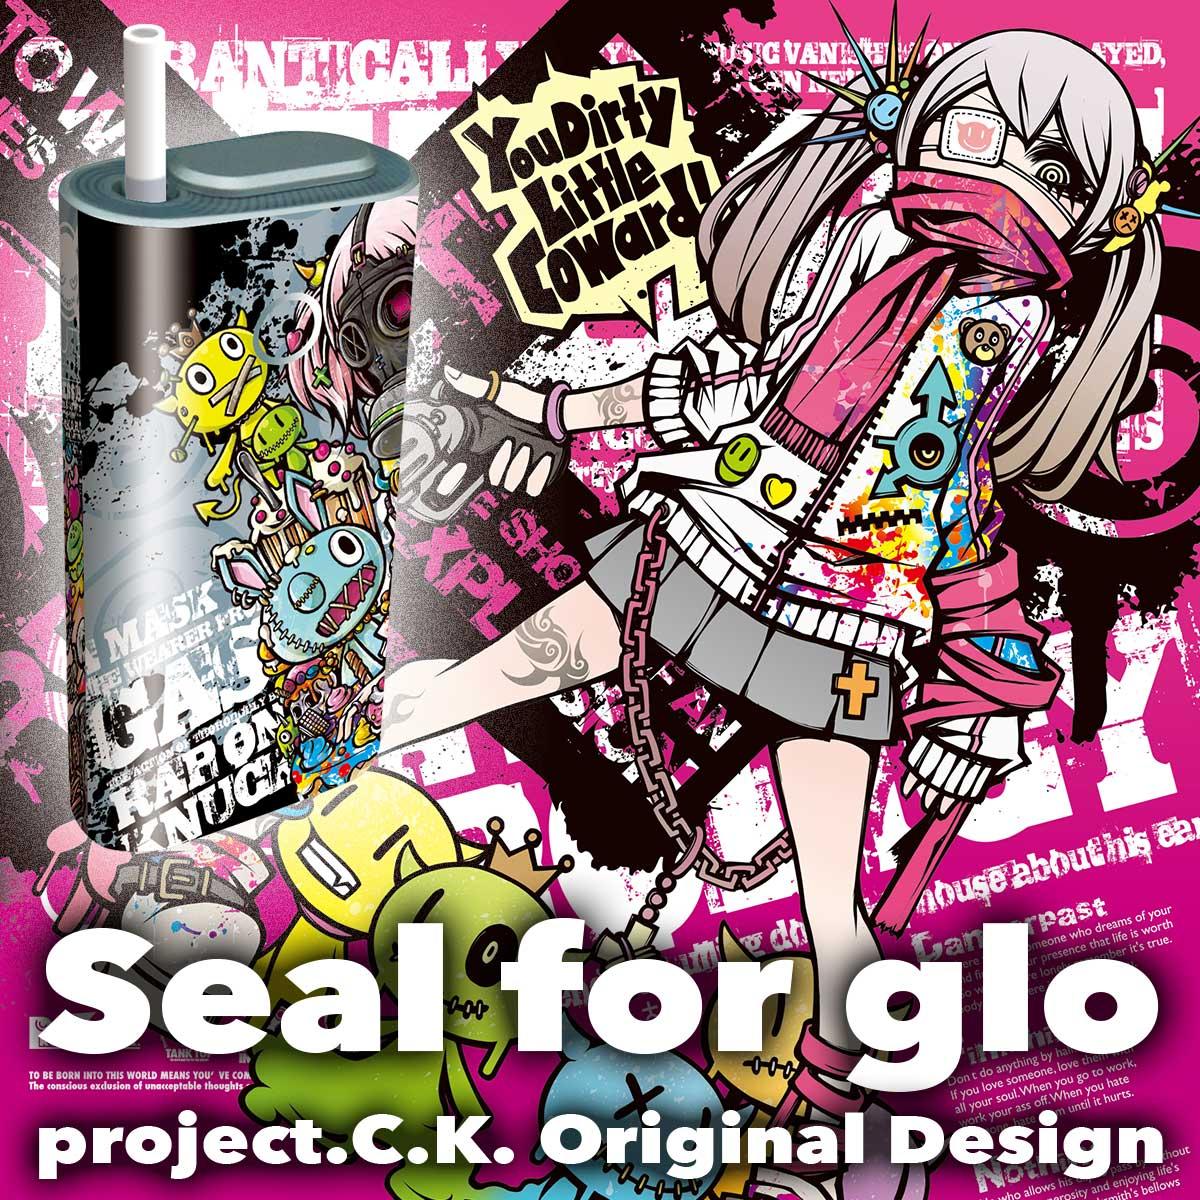 グローシール glo グロー シール glo グロー専用 スキンシール グロー ケース シール カバー 本体 gloシール 電子タバコ ステッカー スキンシール Project.C.K. gl-021 送料無料 発送はメール便